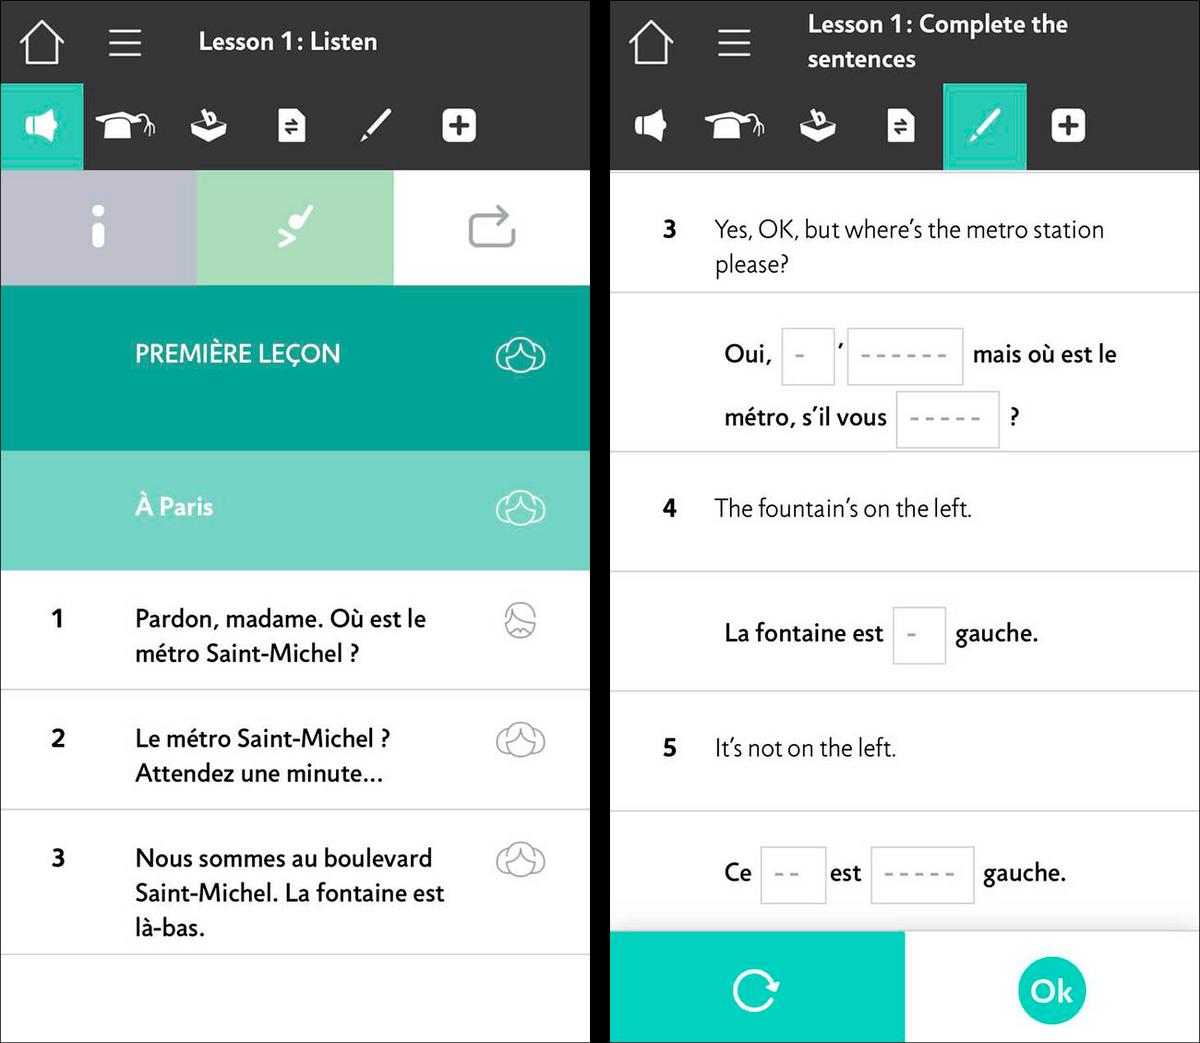 Единственный минус этого приложения в том, что объяснение грамматики и перевод французских слов даны на английском